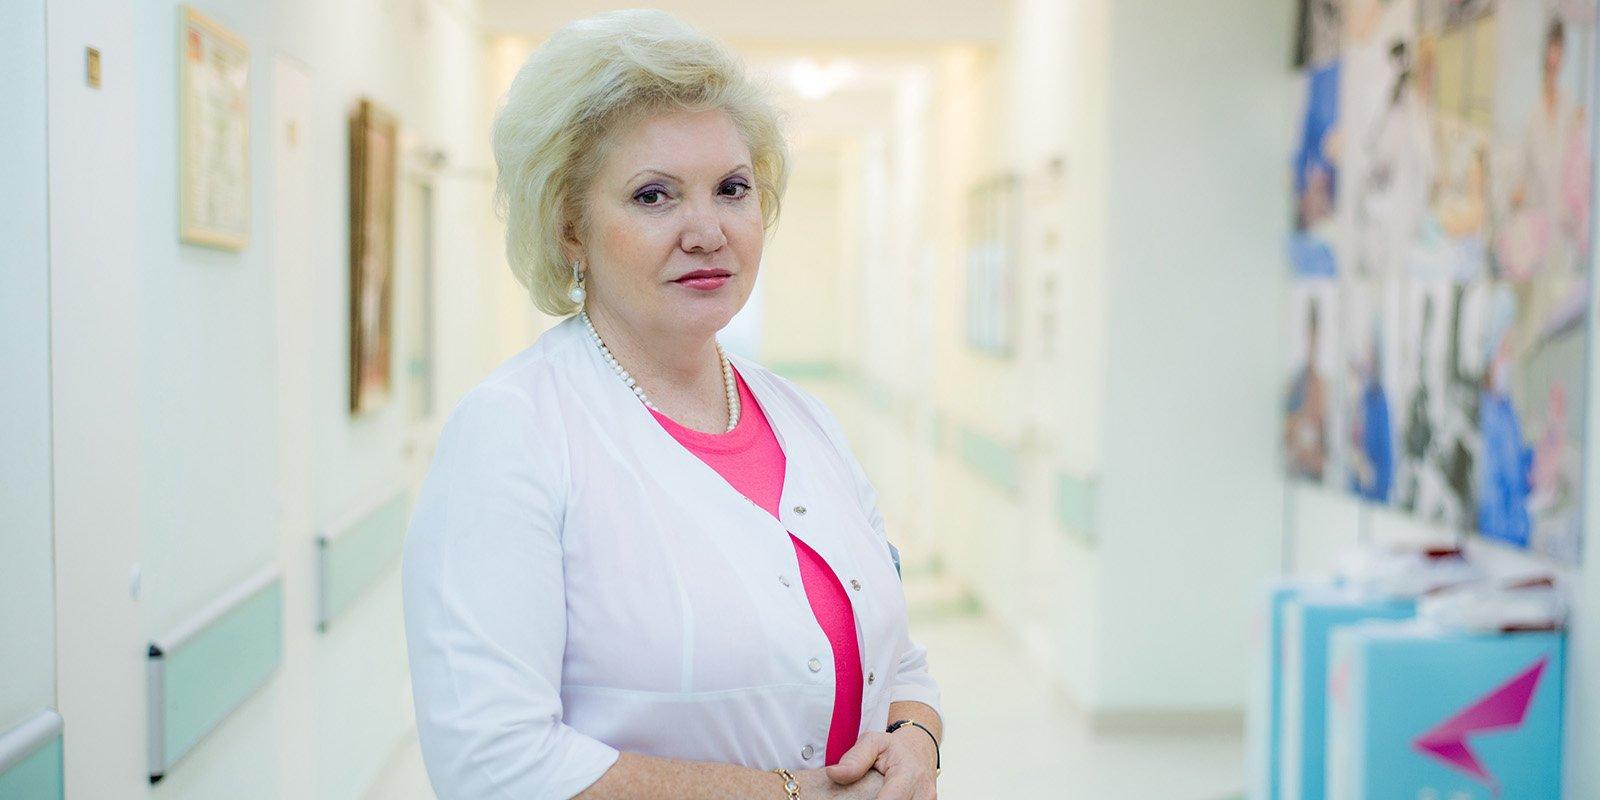 Депутат Мосгордумы Ольга Шарапова: Важно, что мы сохраняем традиции донорства крови. На фото депутат МГД Ольга Шарапова